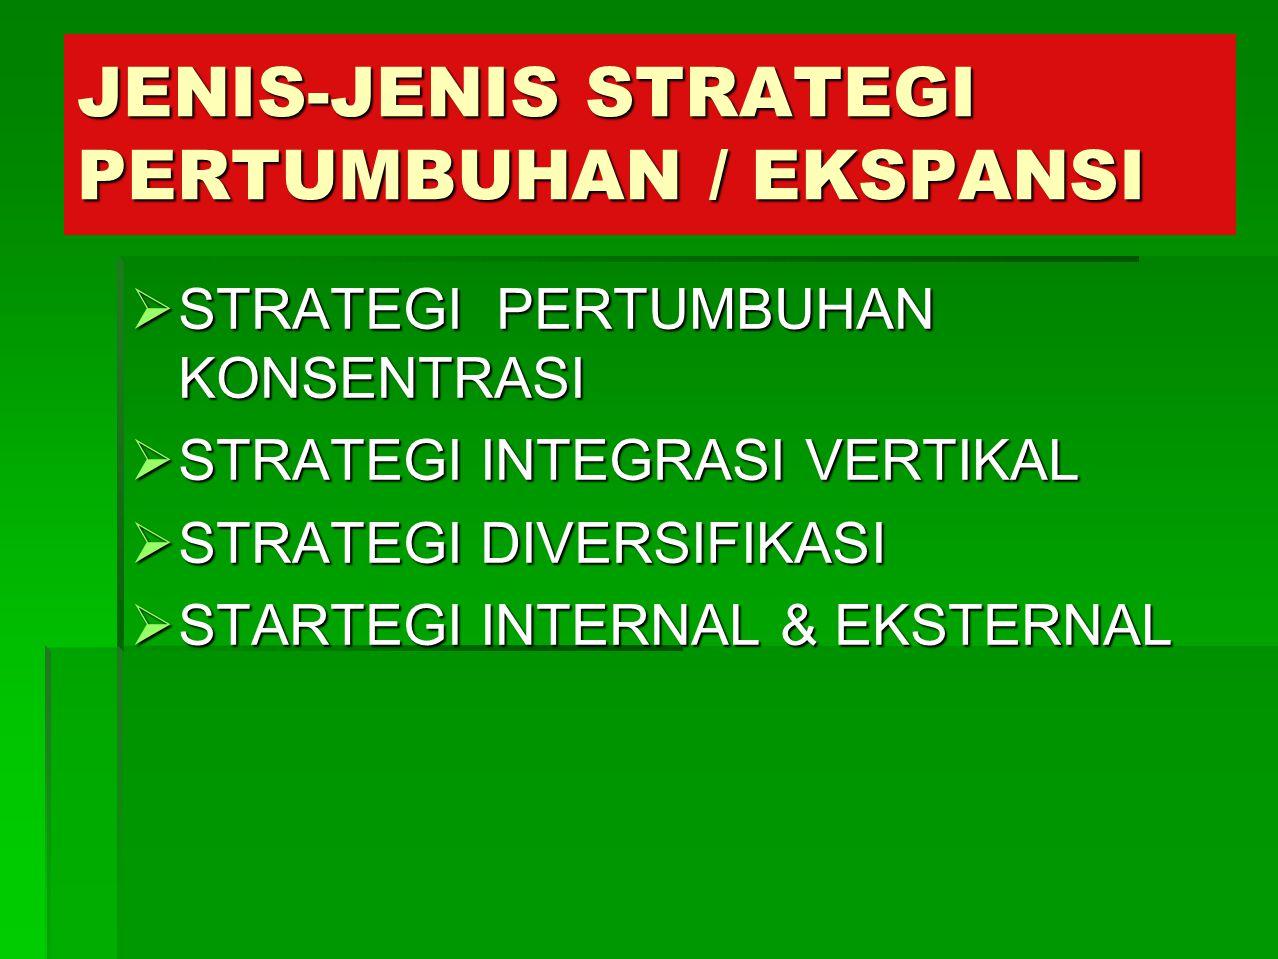 JENIS-JENIS STRATEGI PERTUMBUHAN / EKSPANSI